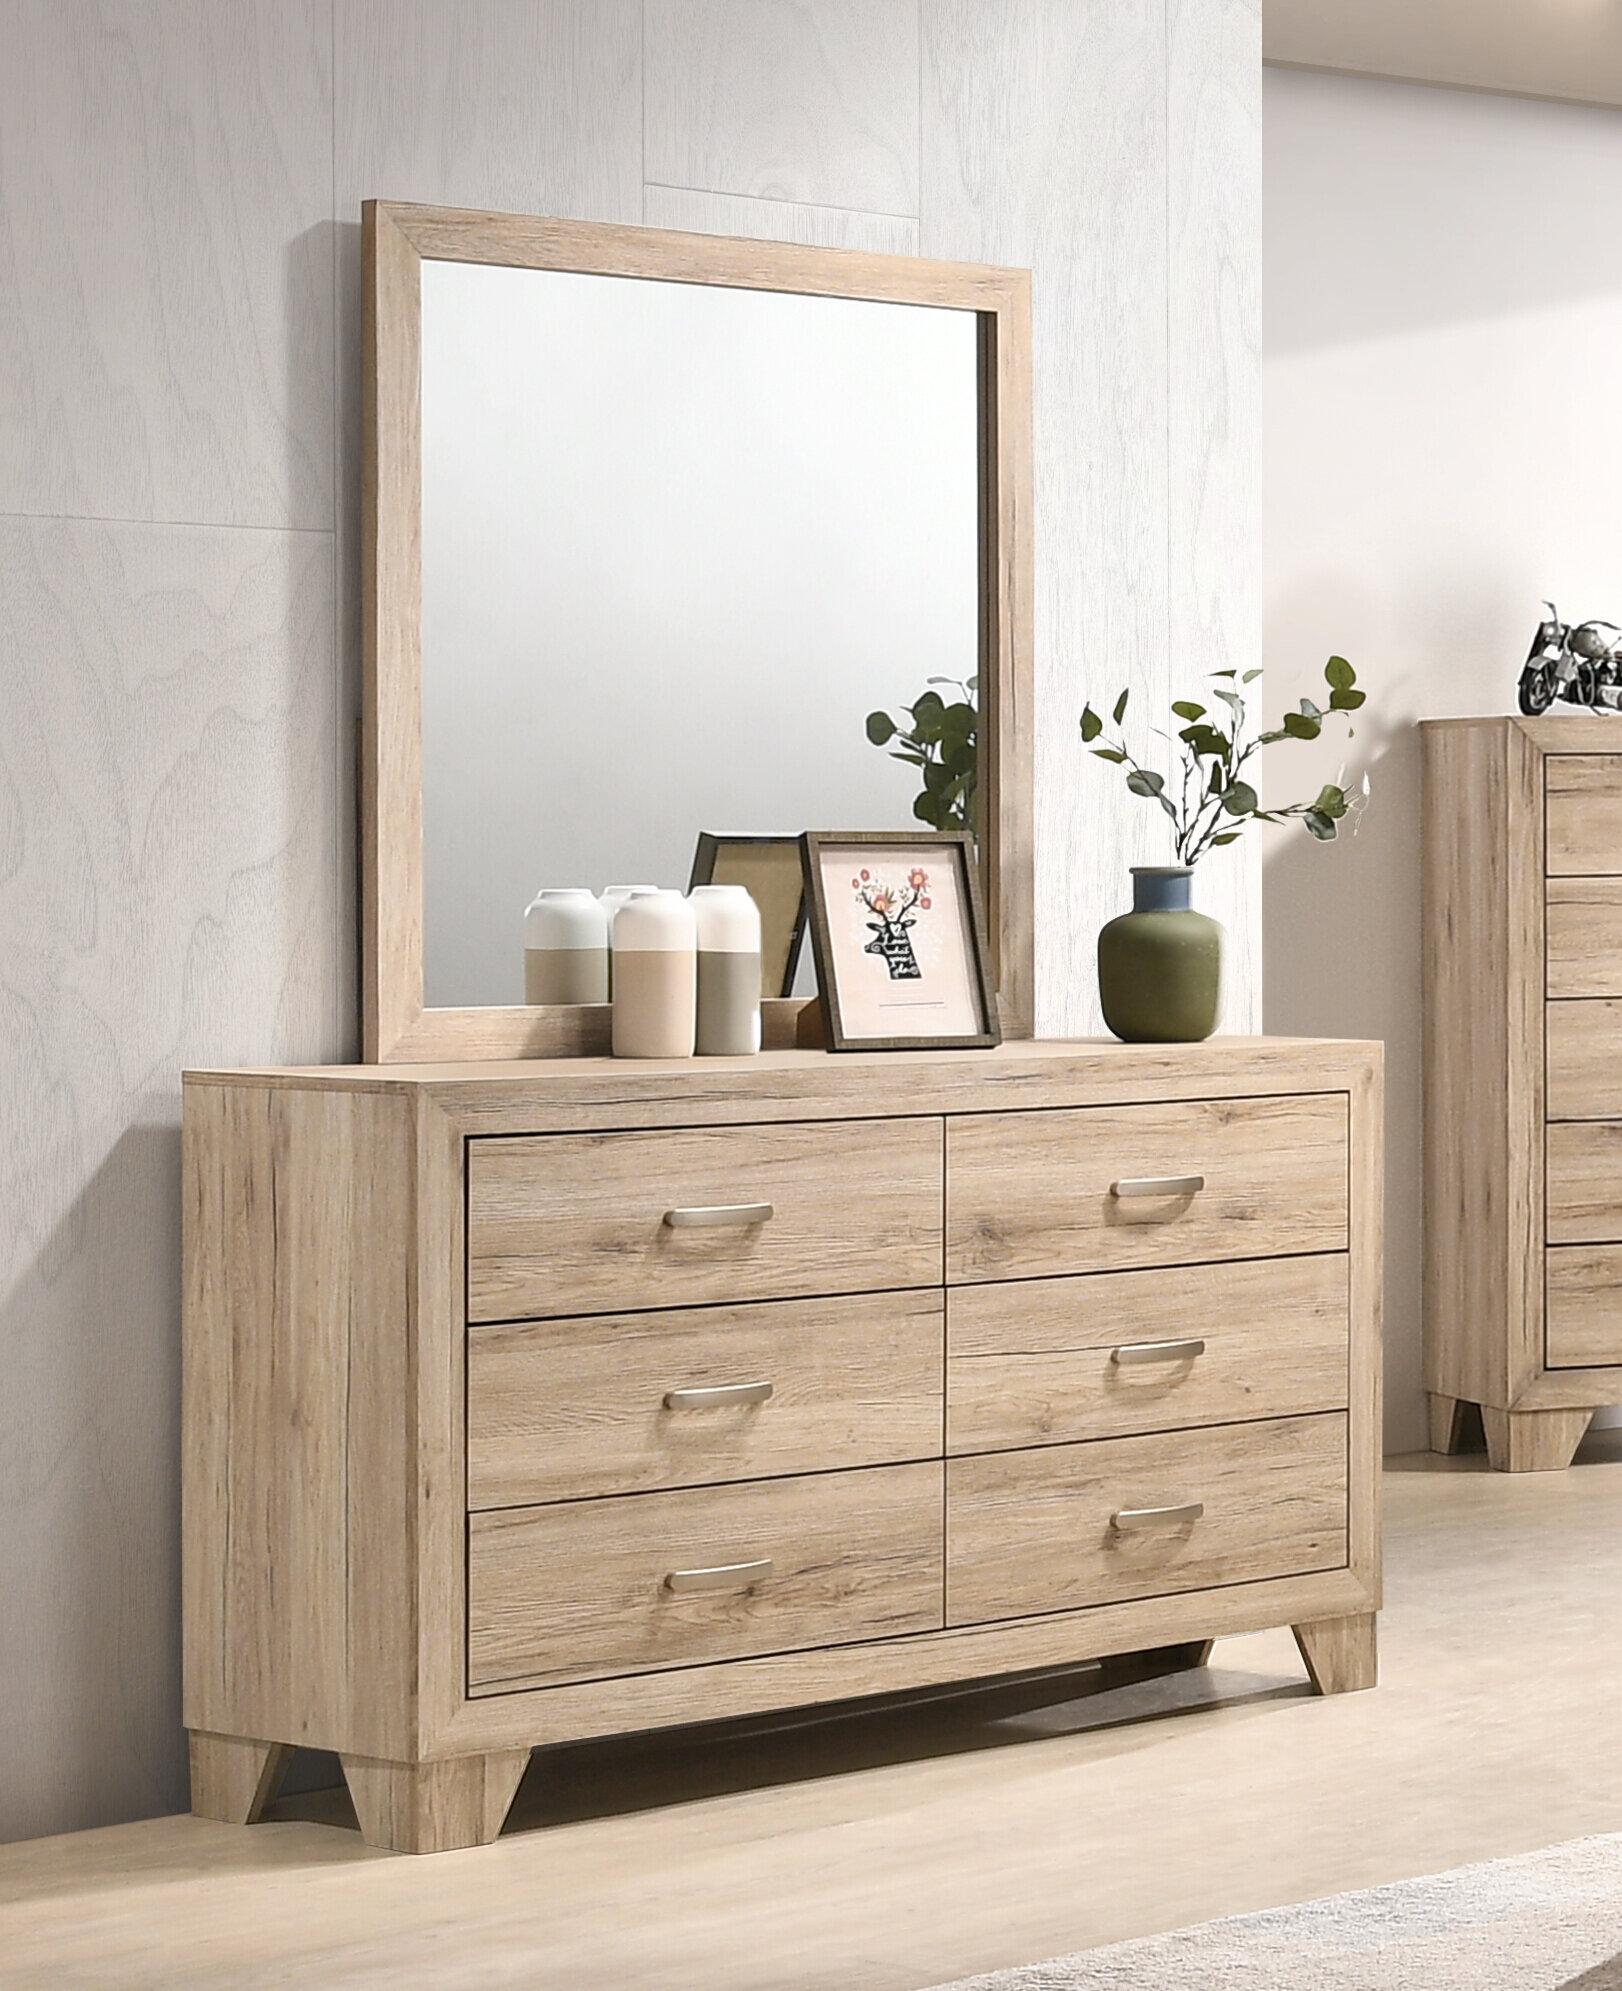 Millwood Pines Jaziel 6 Drawer Double Dresser With Mirror Wayfair